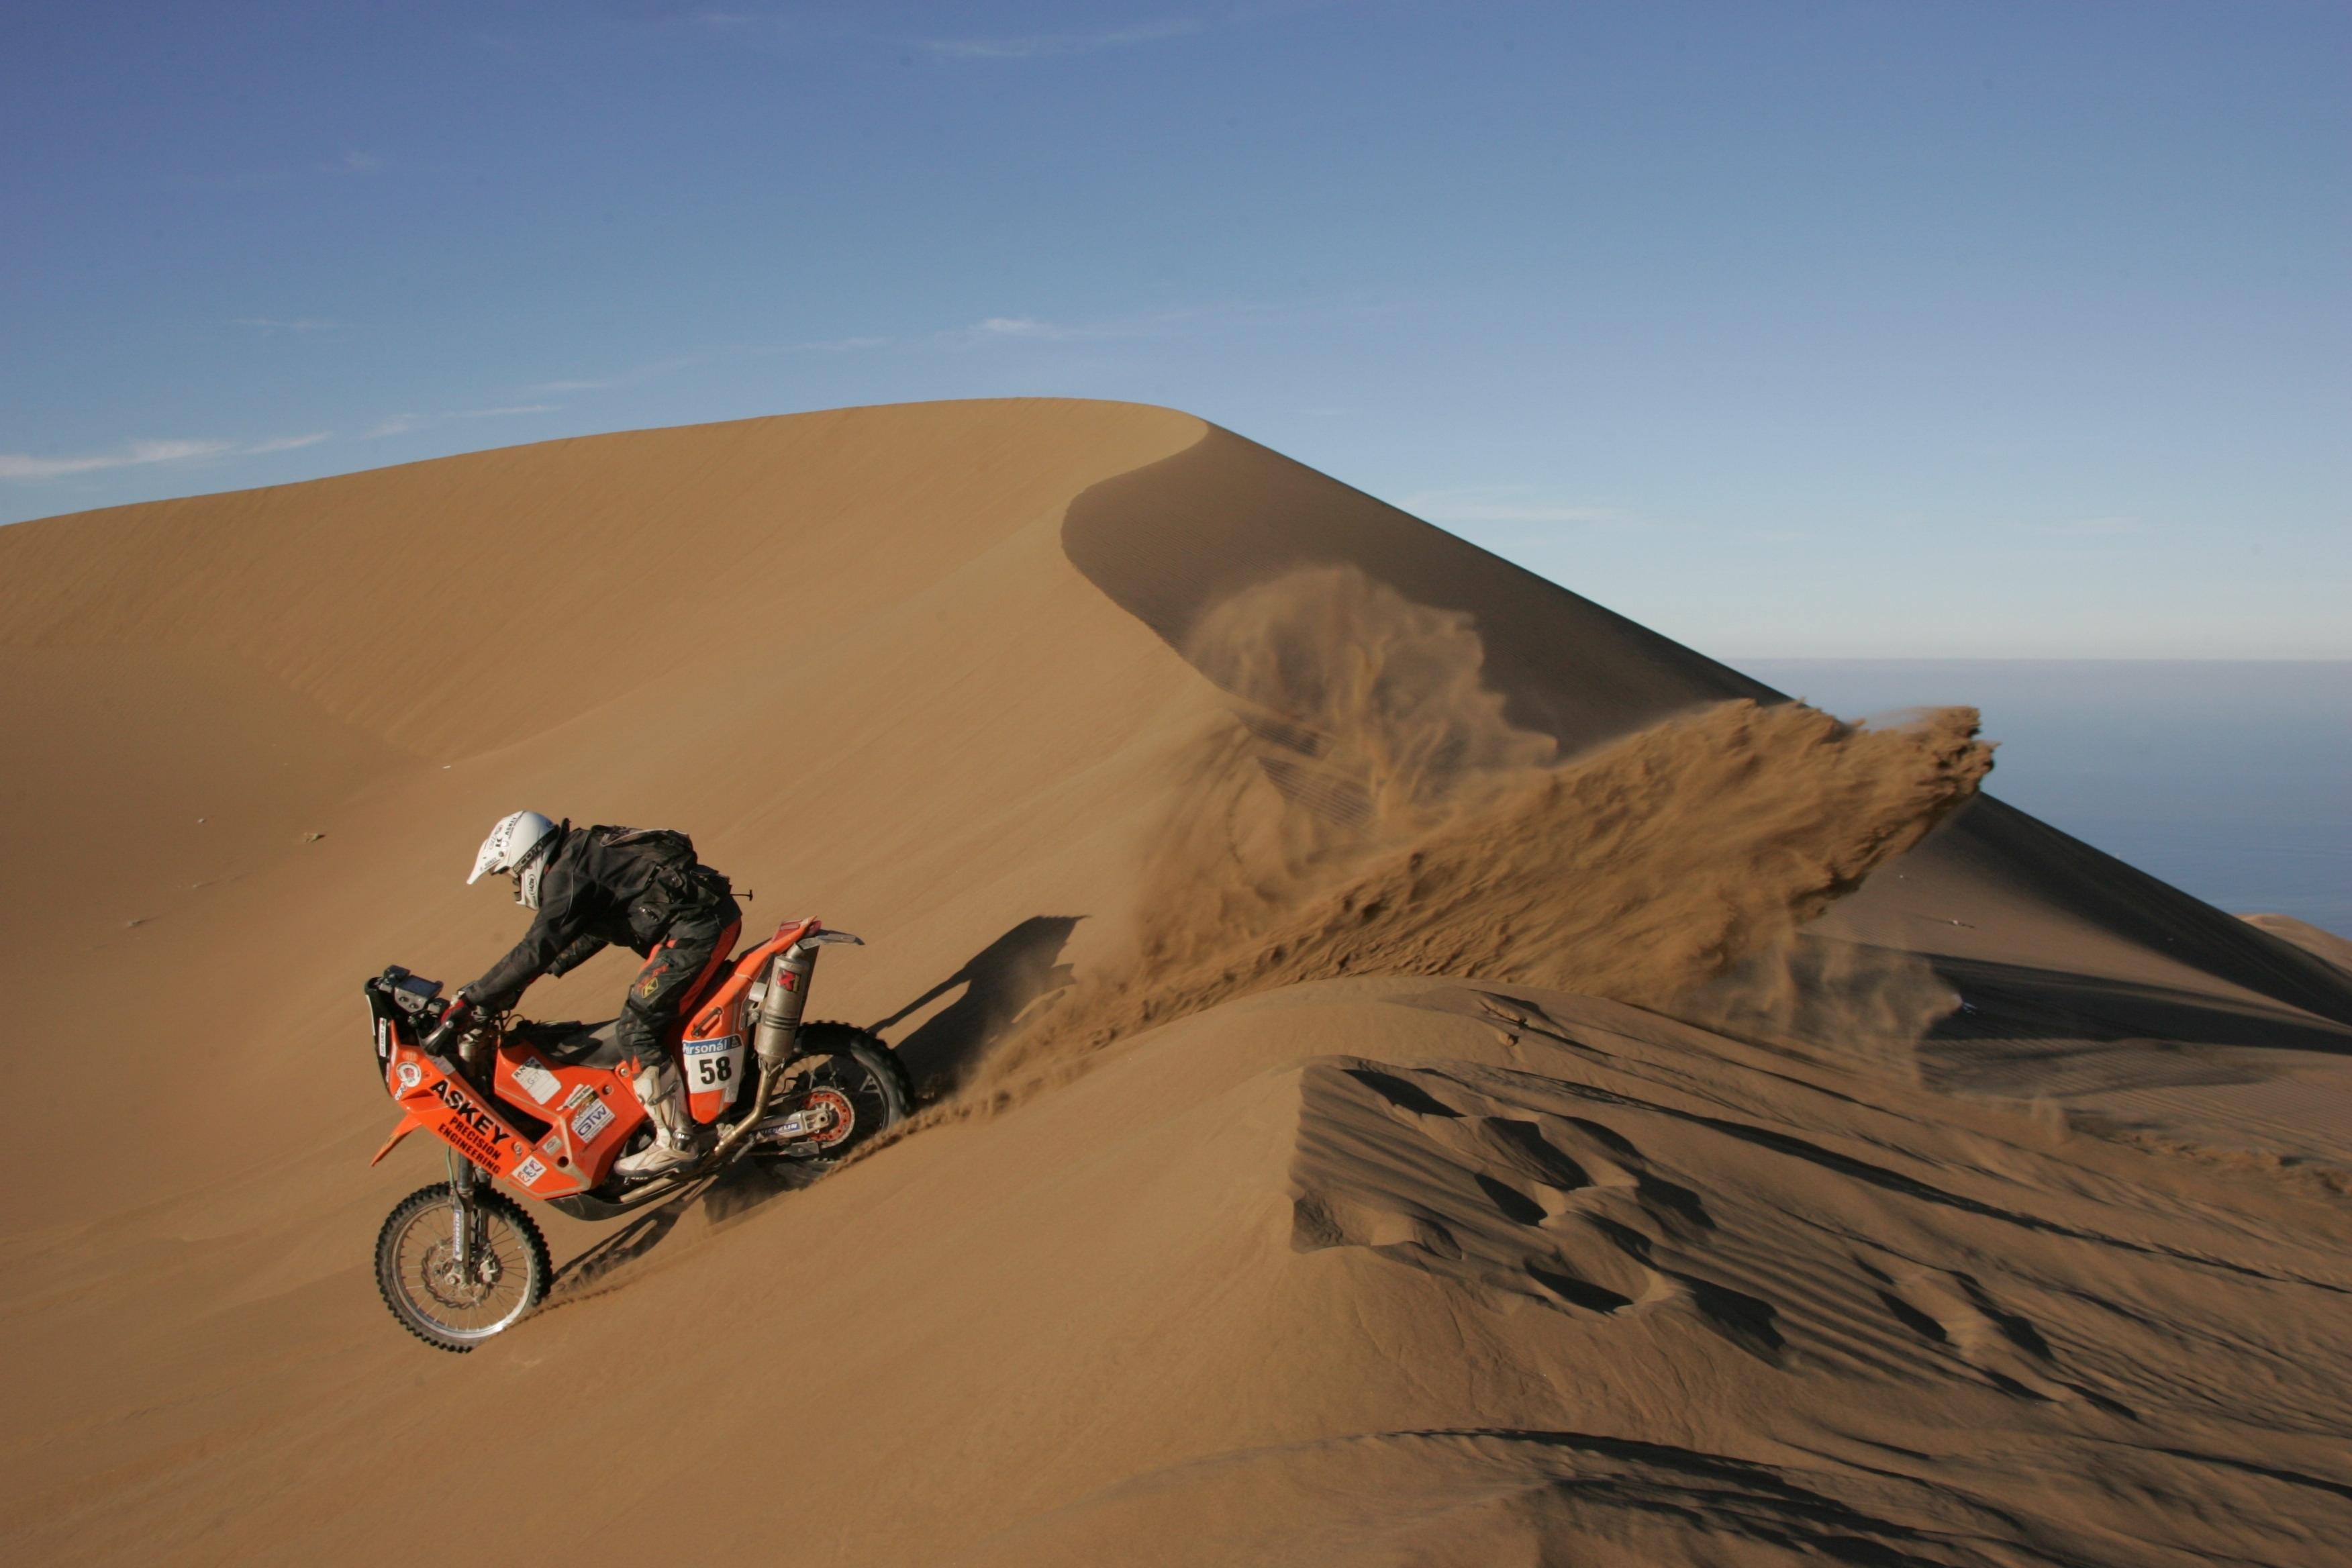 мотоцикл песок дорога дом  № 954676 загрузить